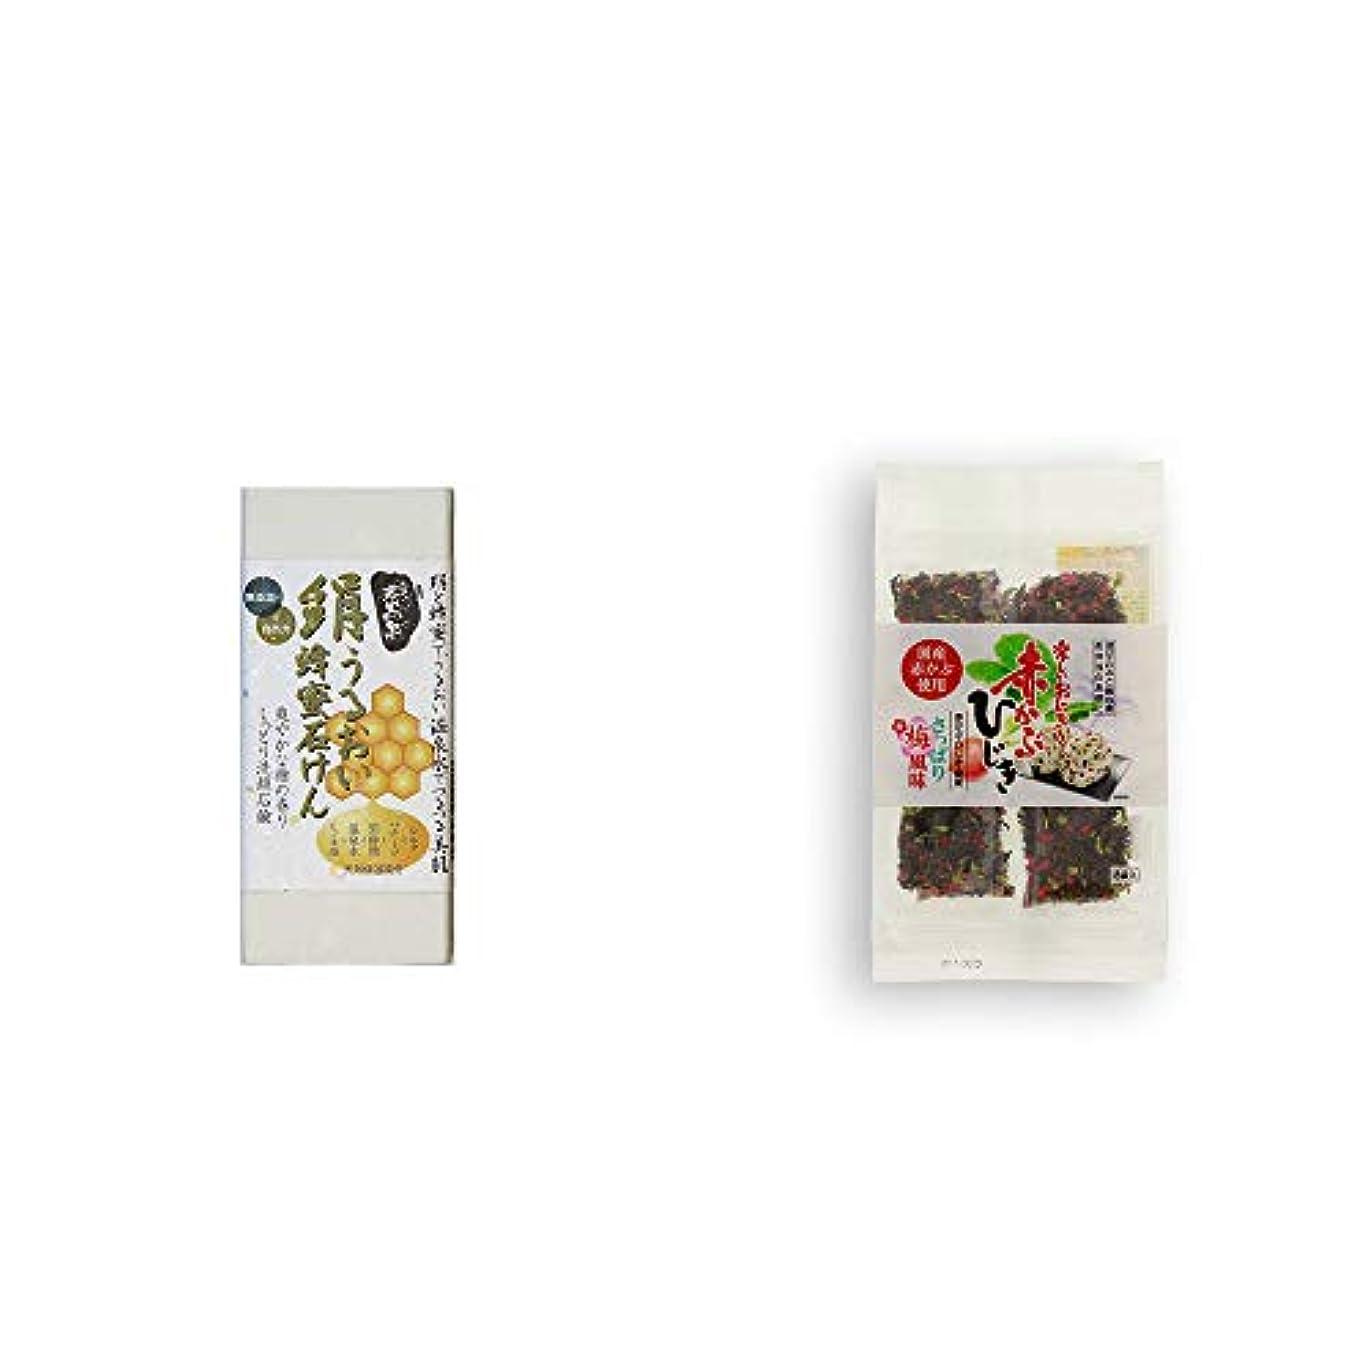 カレッジボート完全に[2点セット] ひのき炭黒泉 絹うるおい蜂蜜石けん(75g×2)?楽しいおにぎり 赤かぶひじき(8g×8袋)